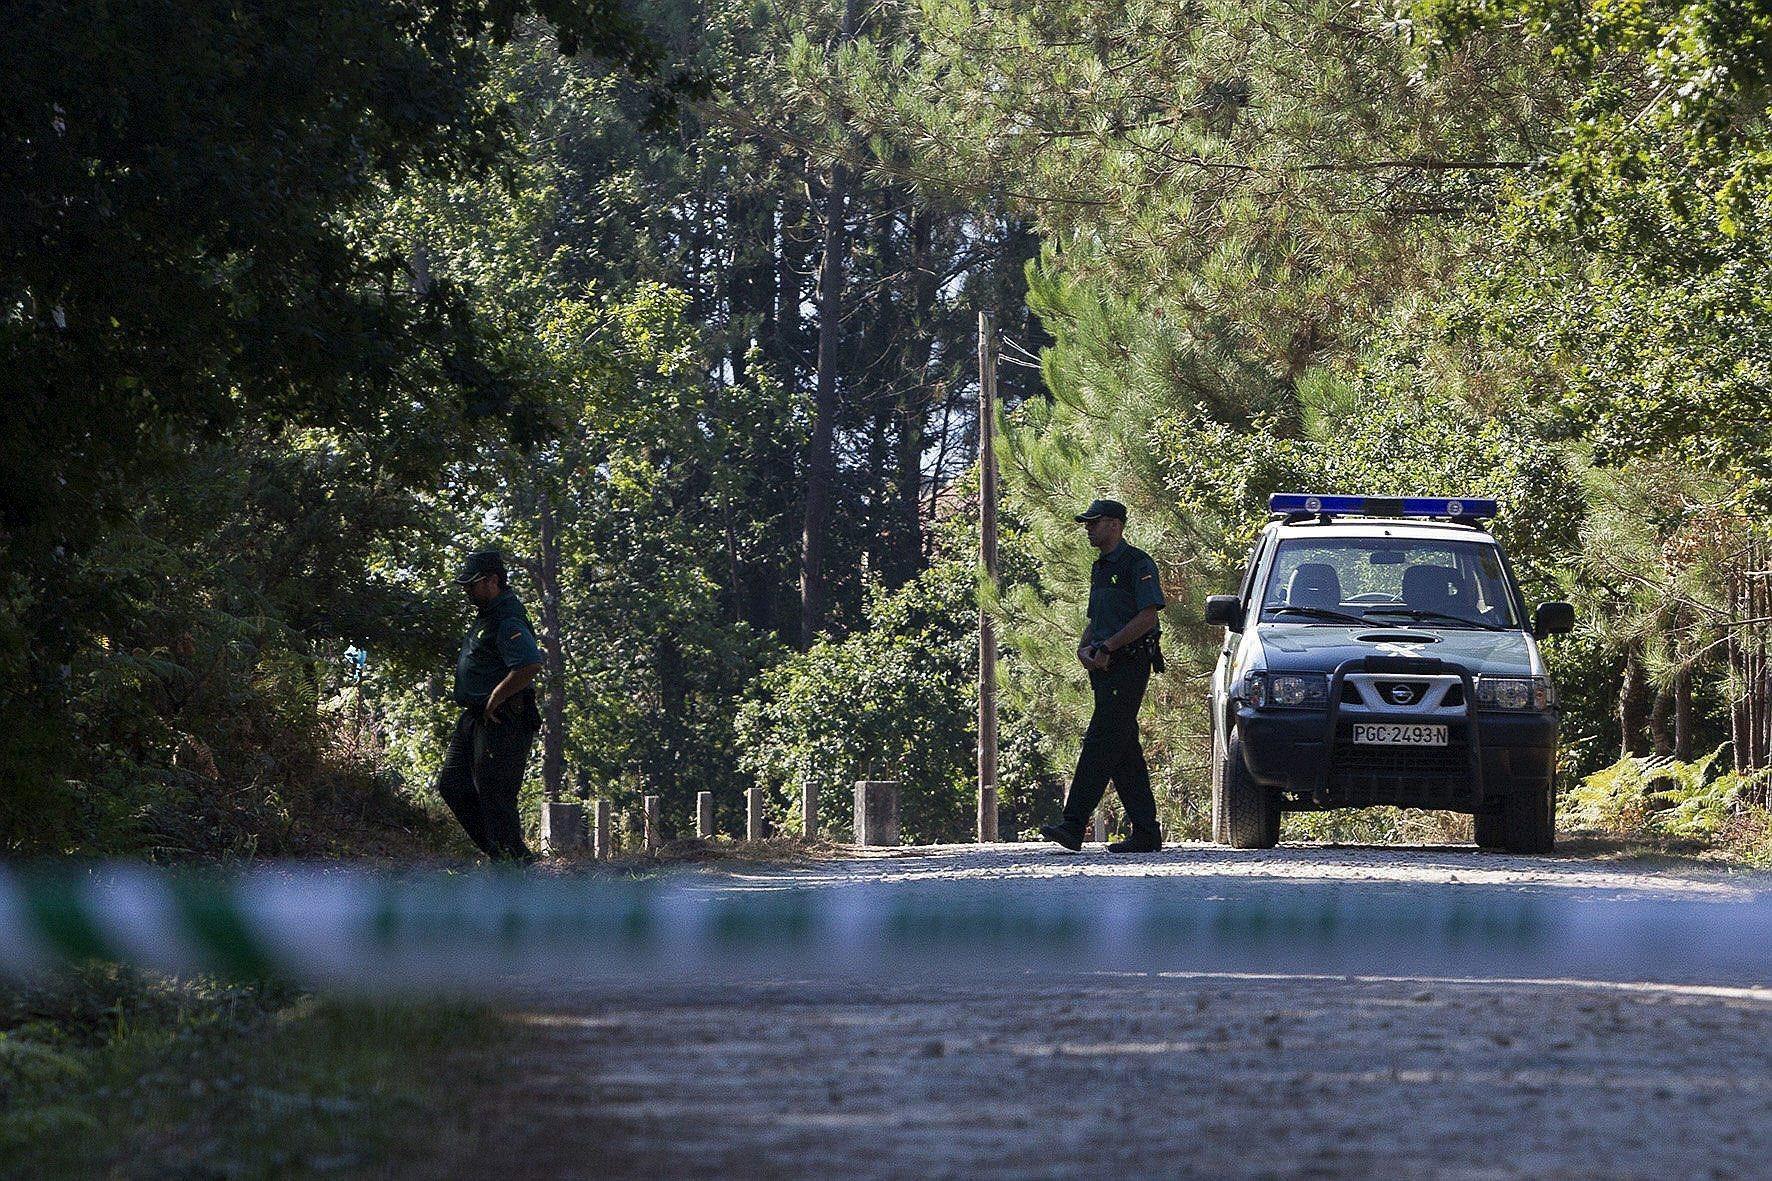 Agentes de la Guardia Civil custodian una pista forestal de Cacheiras, perteneciente al municipio Coruñes de Teo, zona donde fue hallado esta madrugada el cuerpo sin vida de una niña de 12 años que presenta signos de violencia según las primeras investigaciones